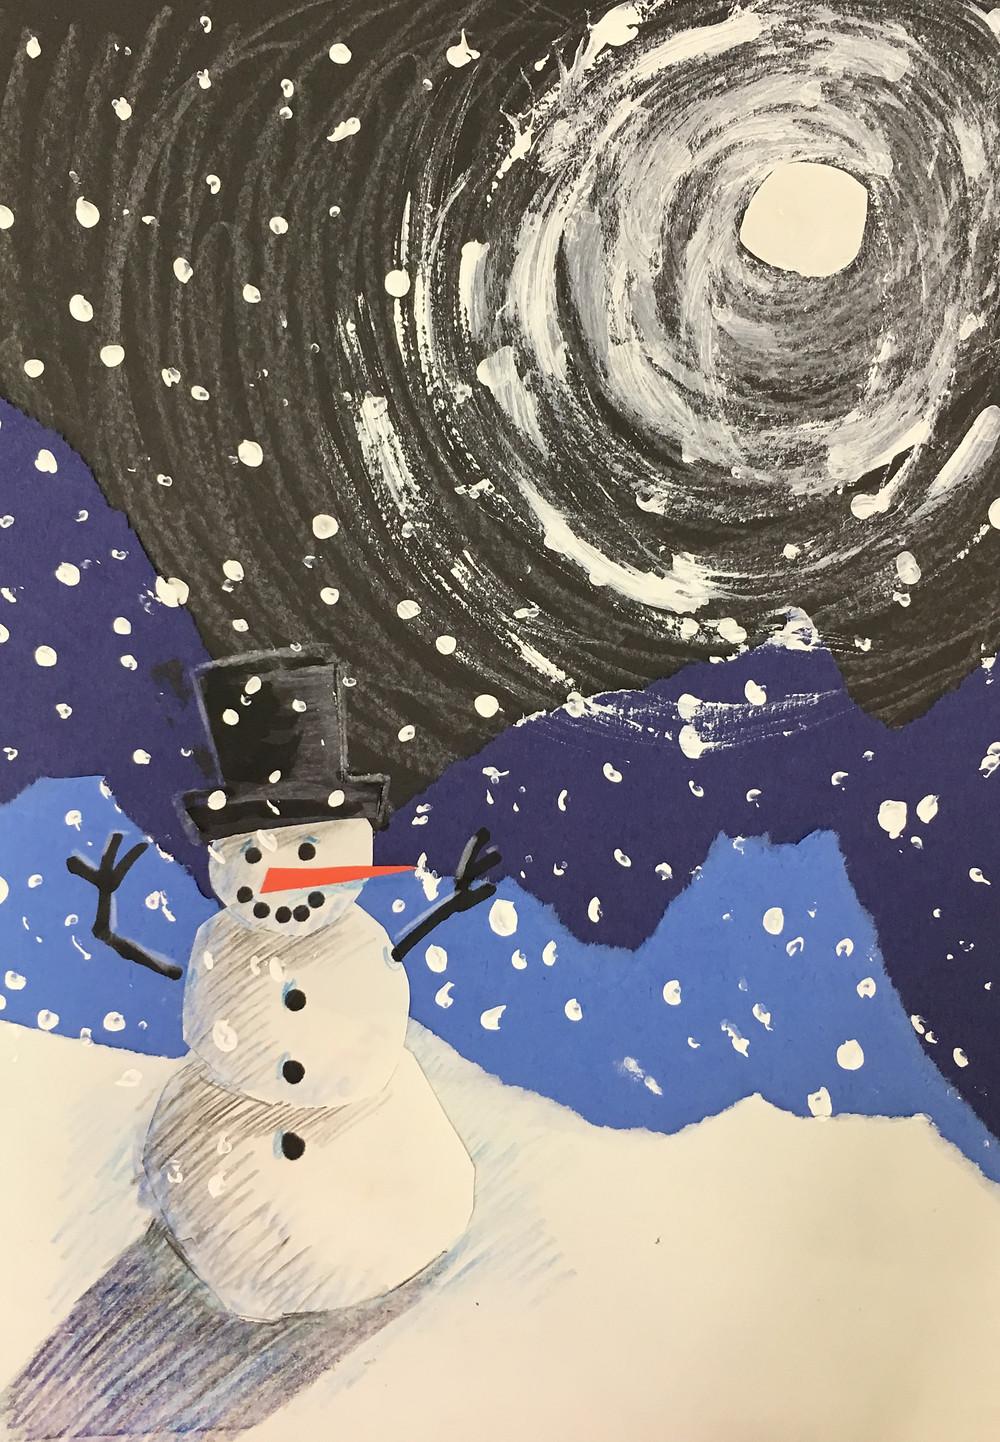 Snowman Landscape